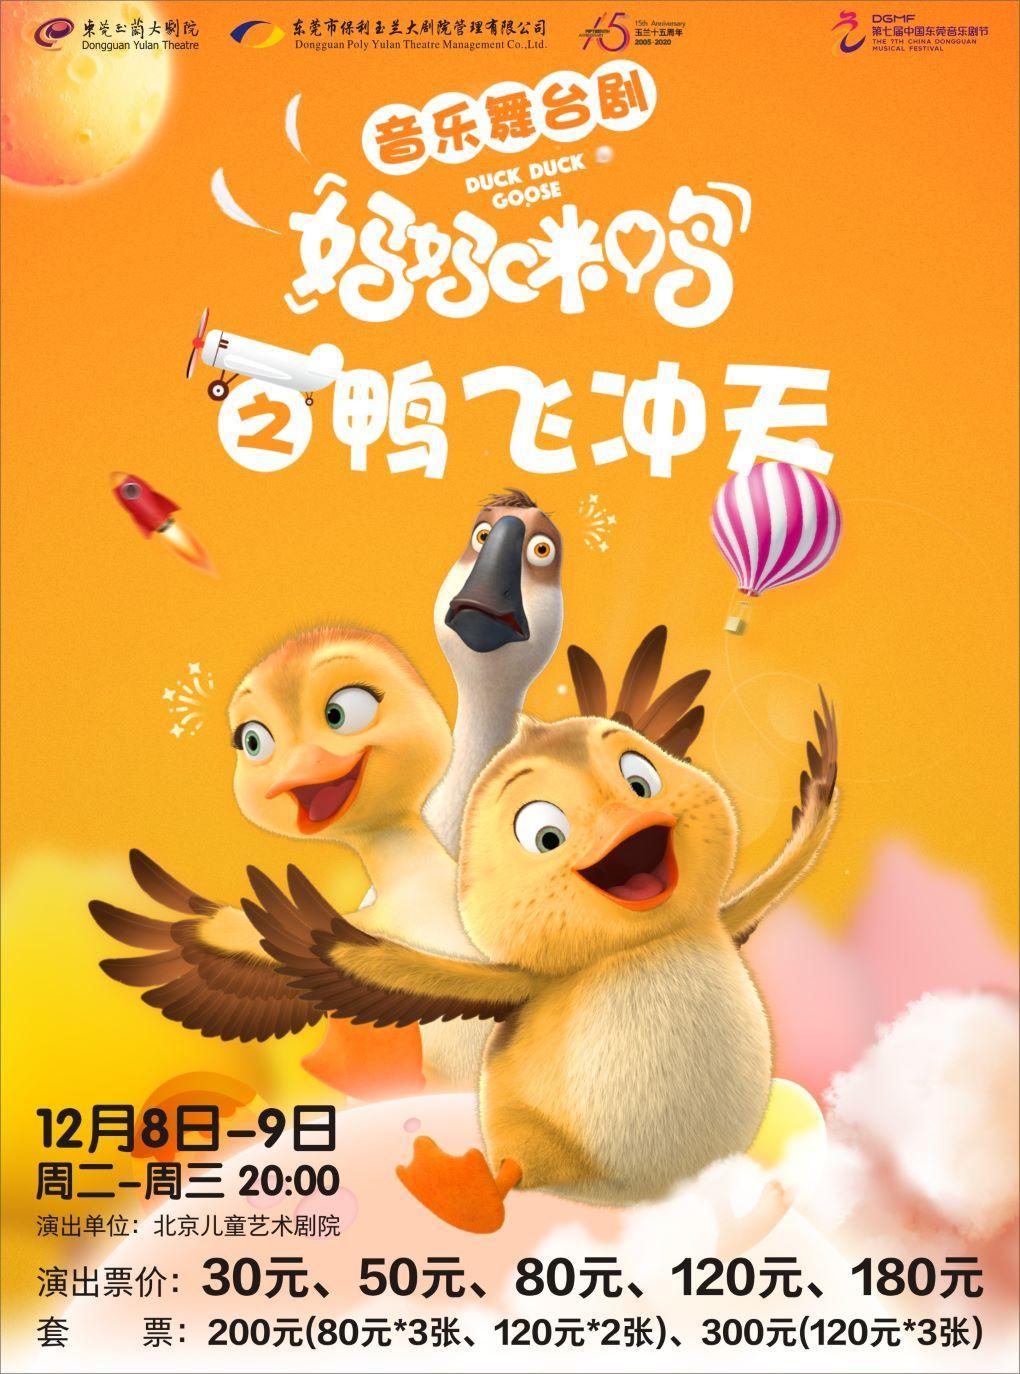 儿童音乐剧《妈妈咪鸭之鸭飞冲天》